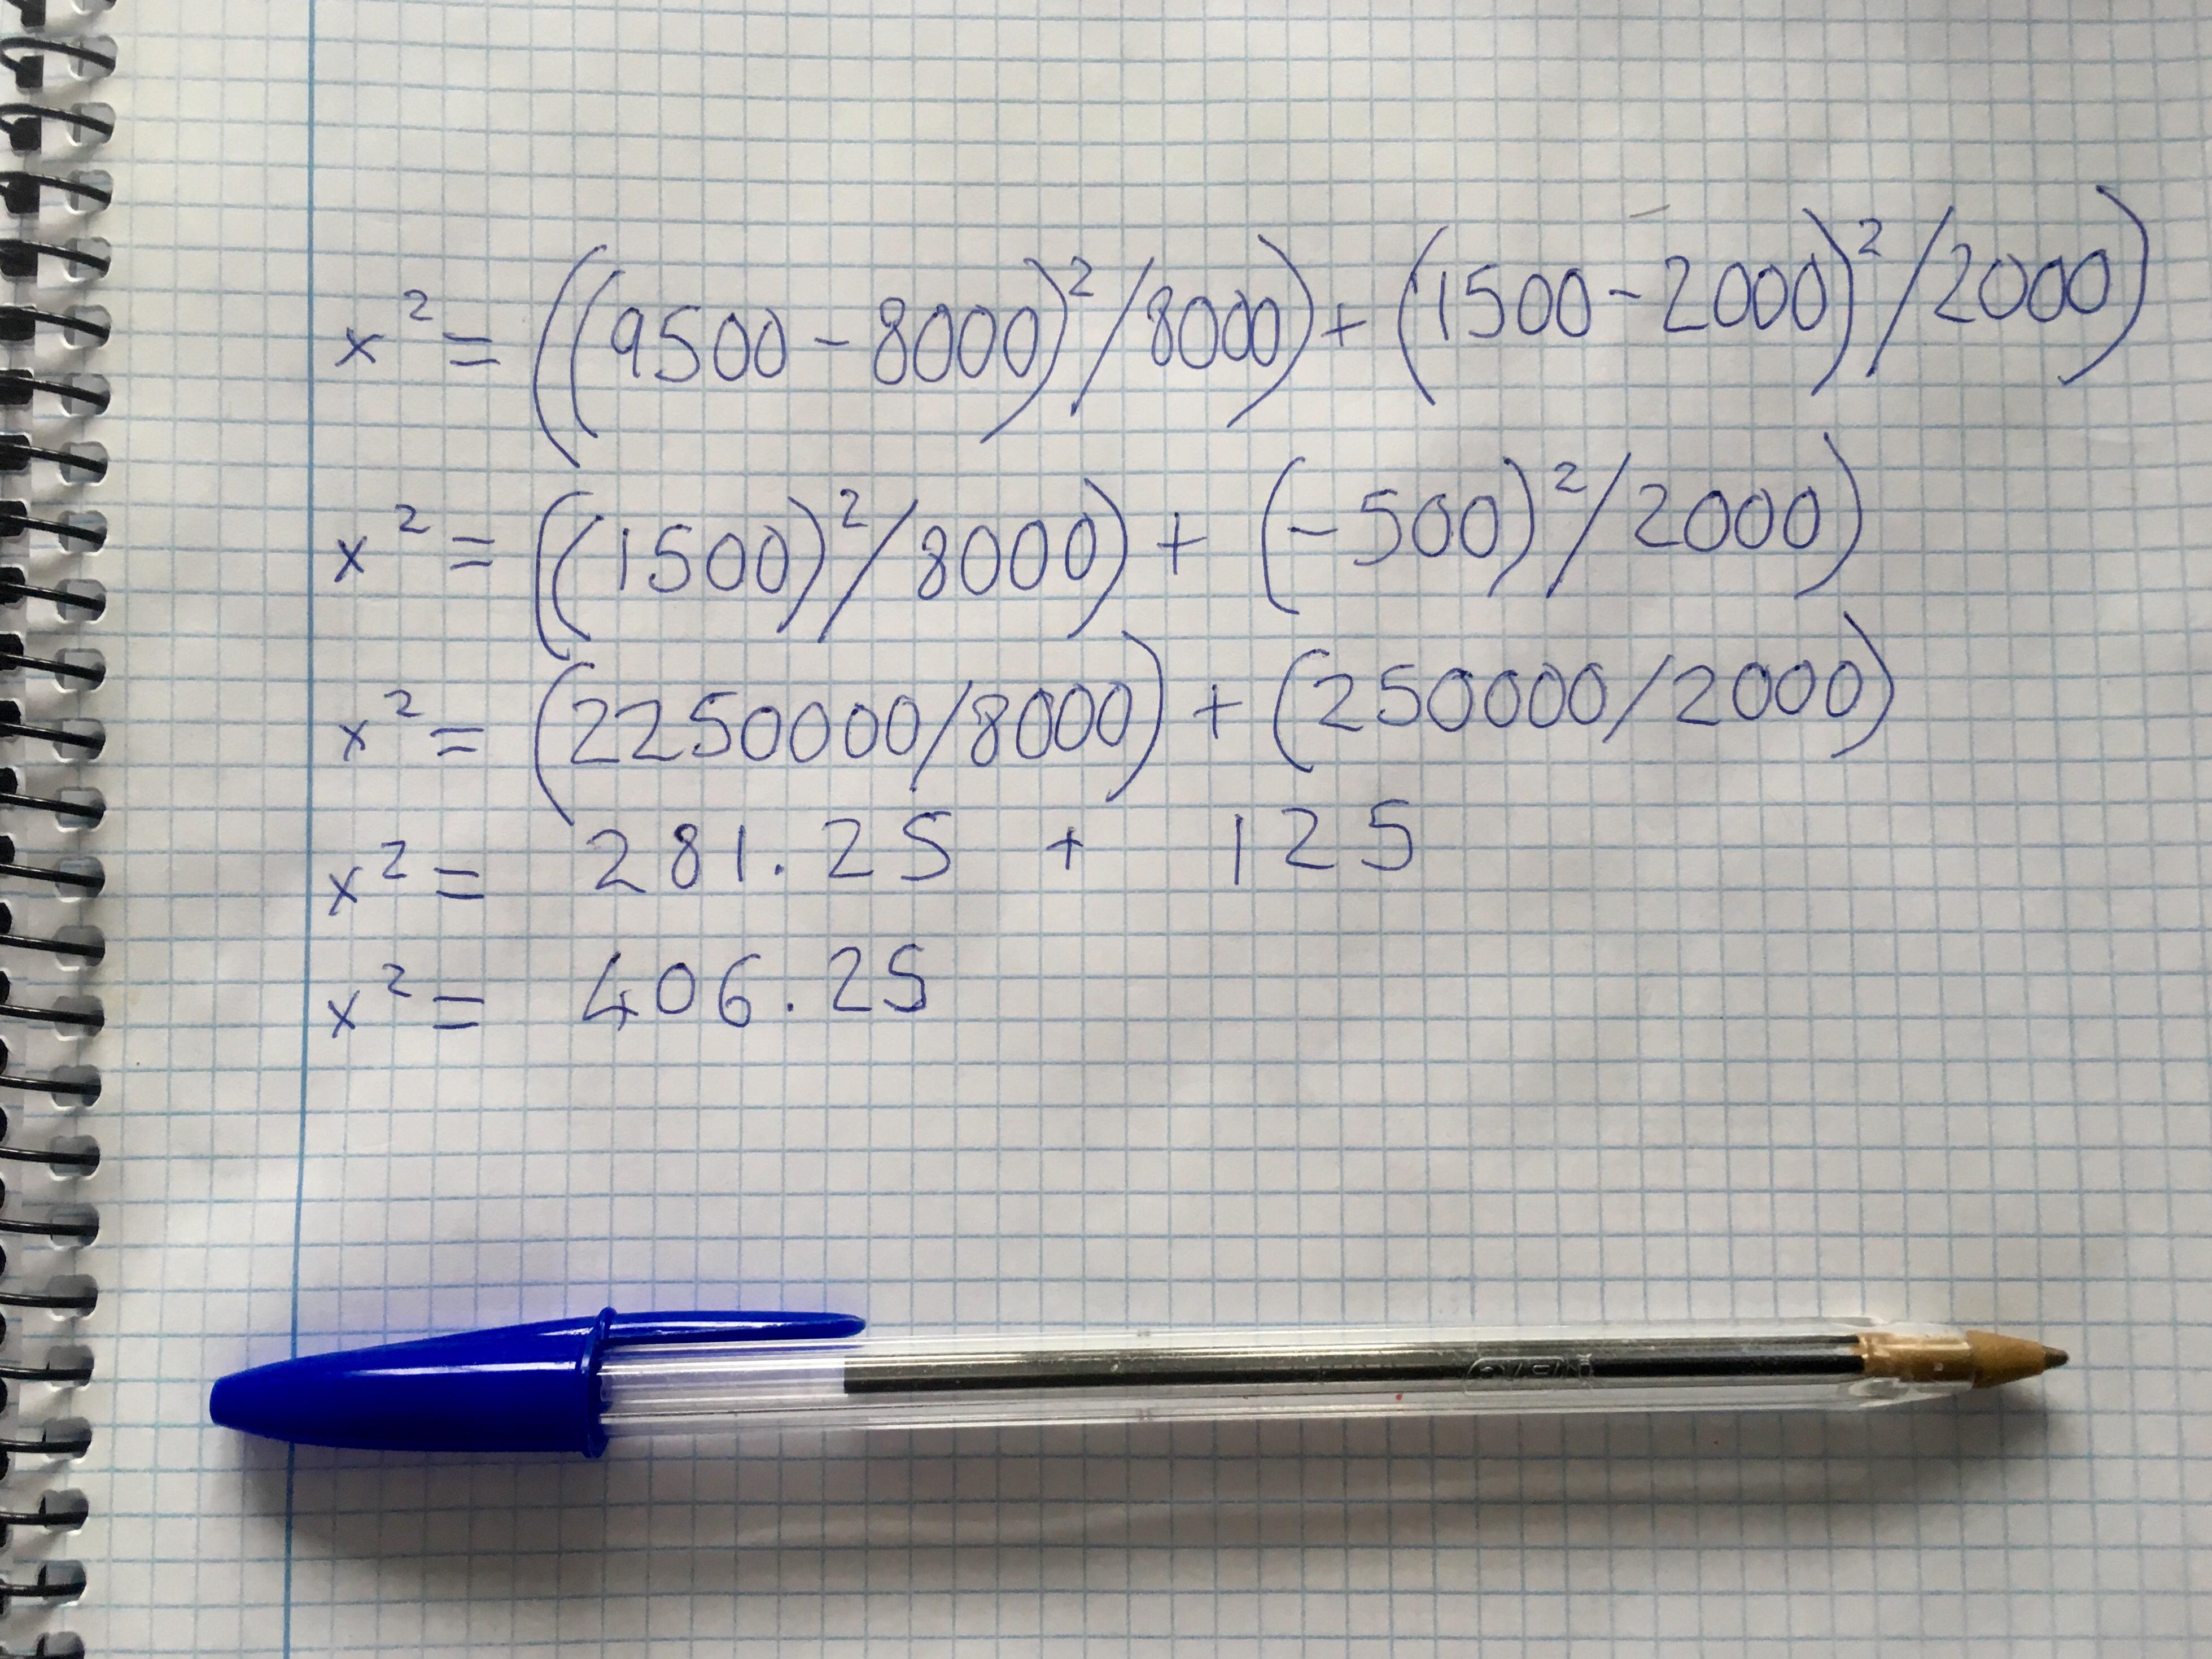 p value calculation